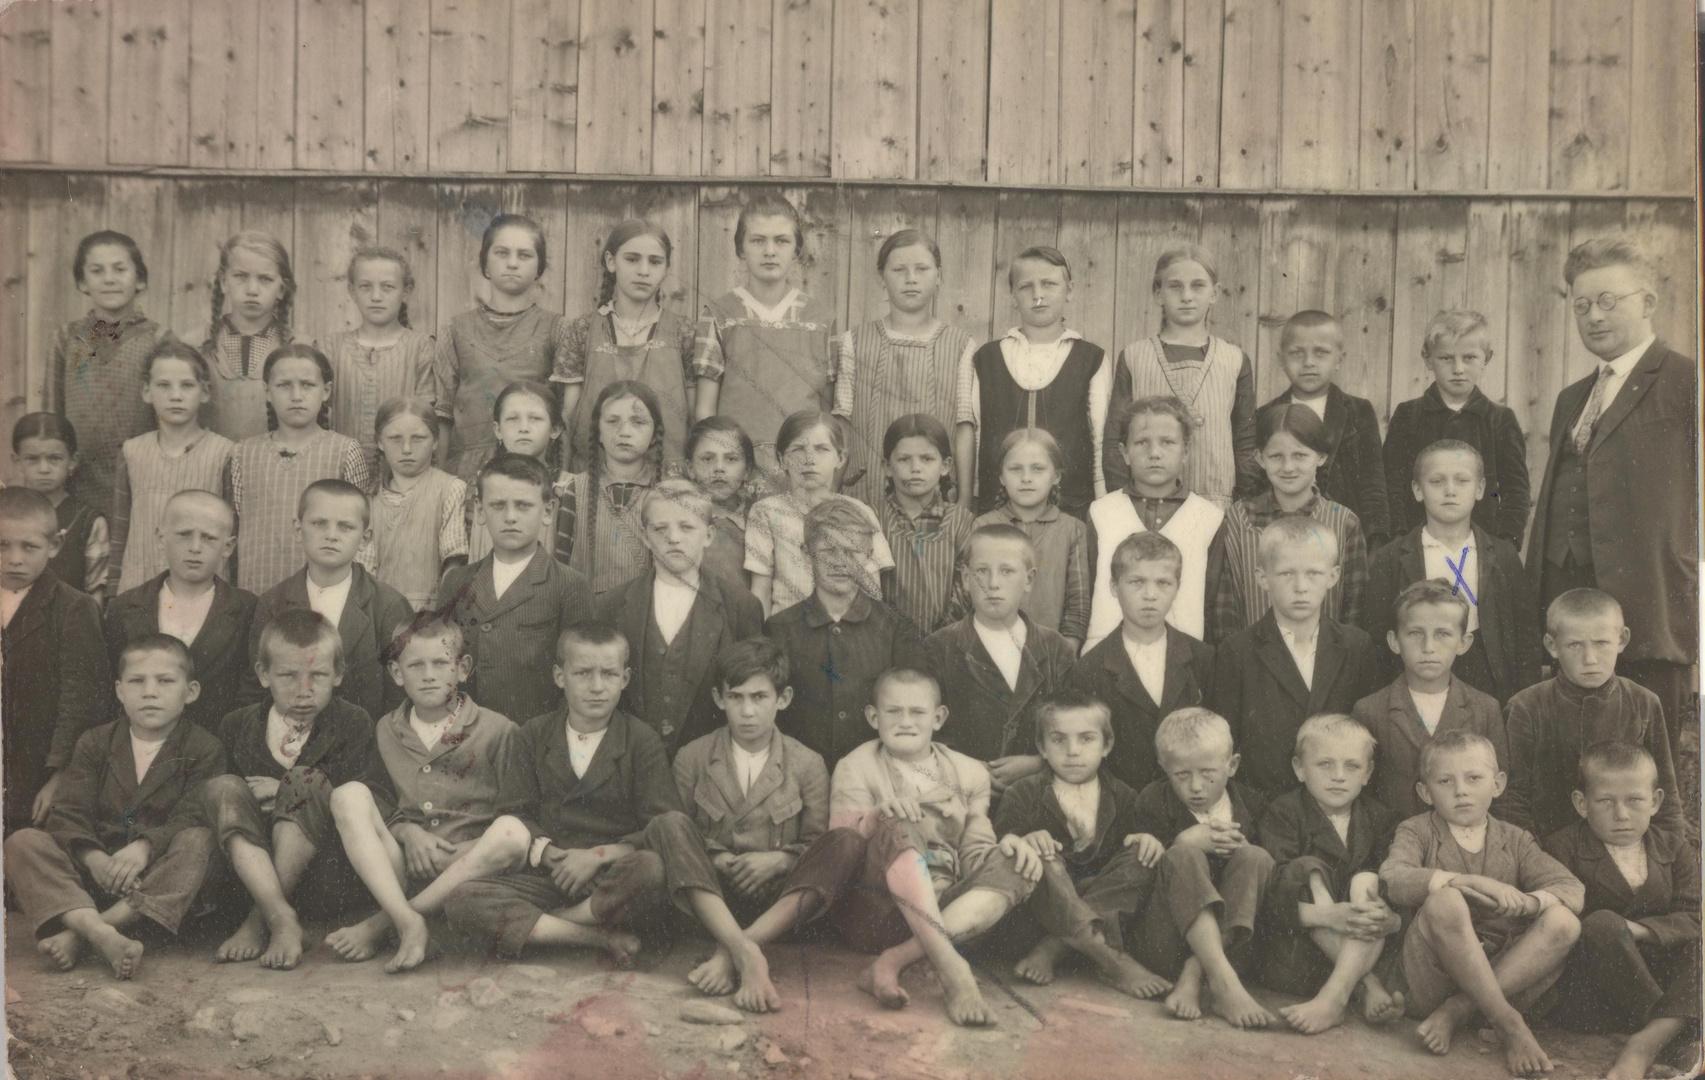 1929 - Bayerische Bildungsge - schichte